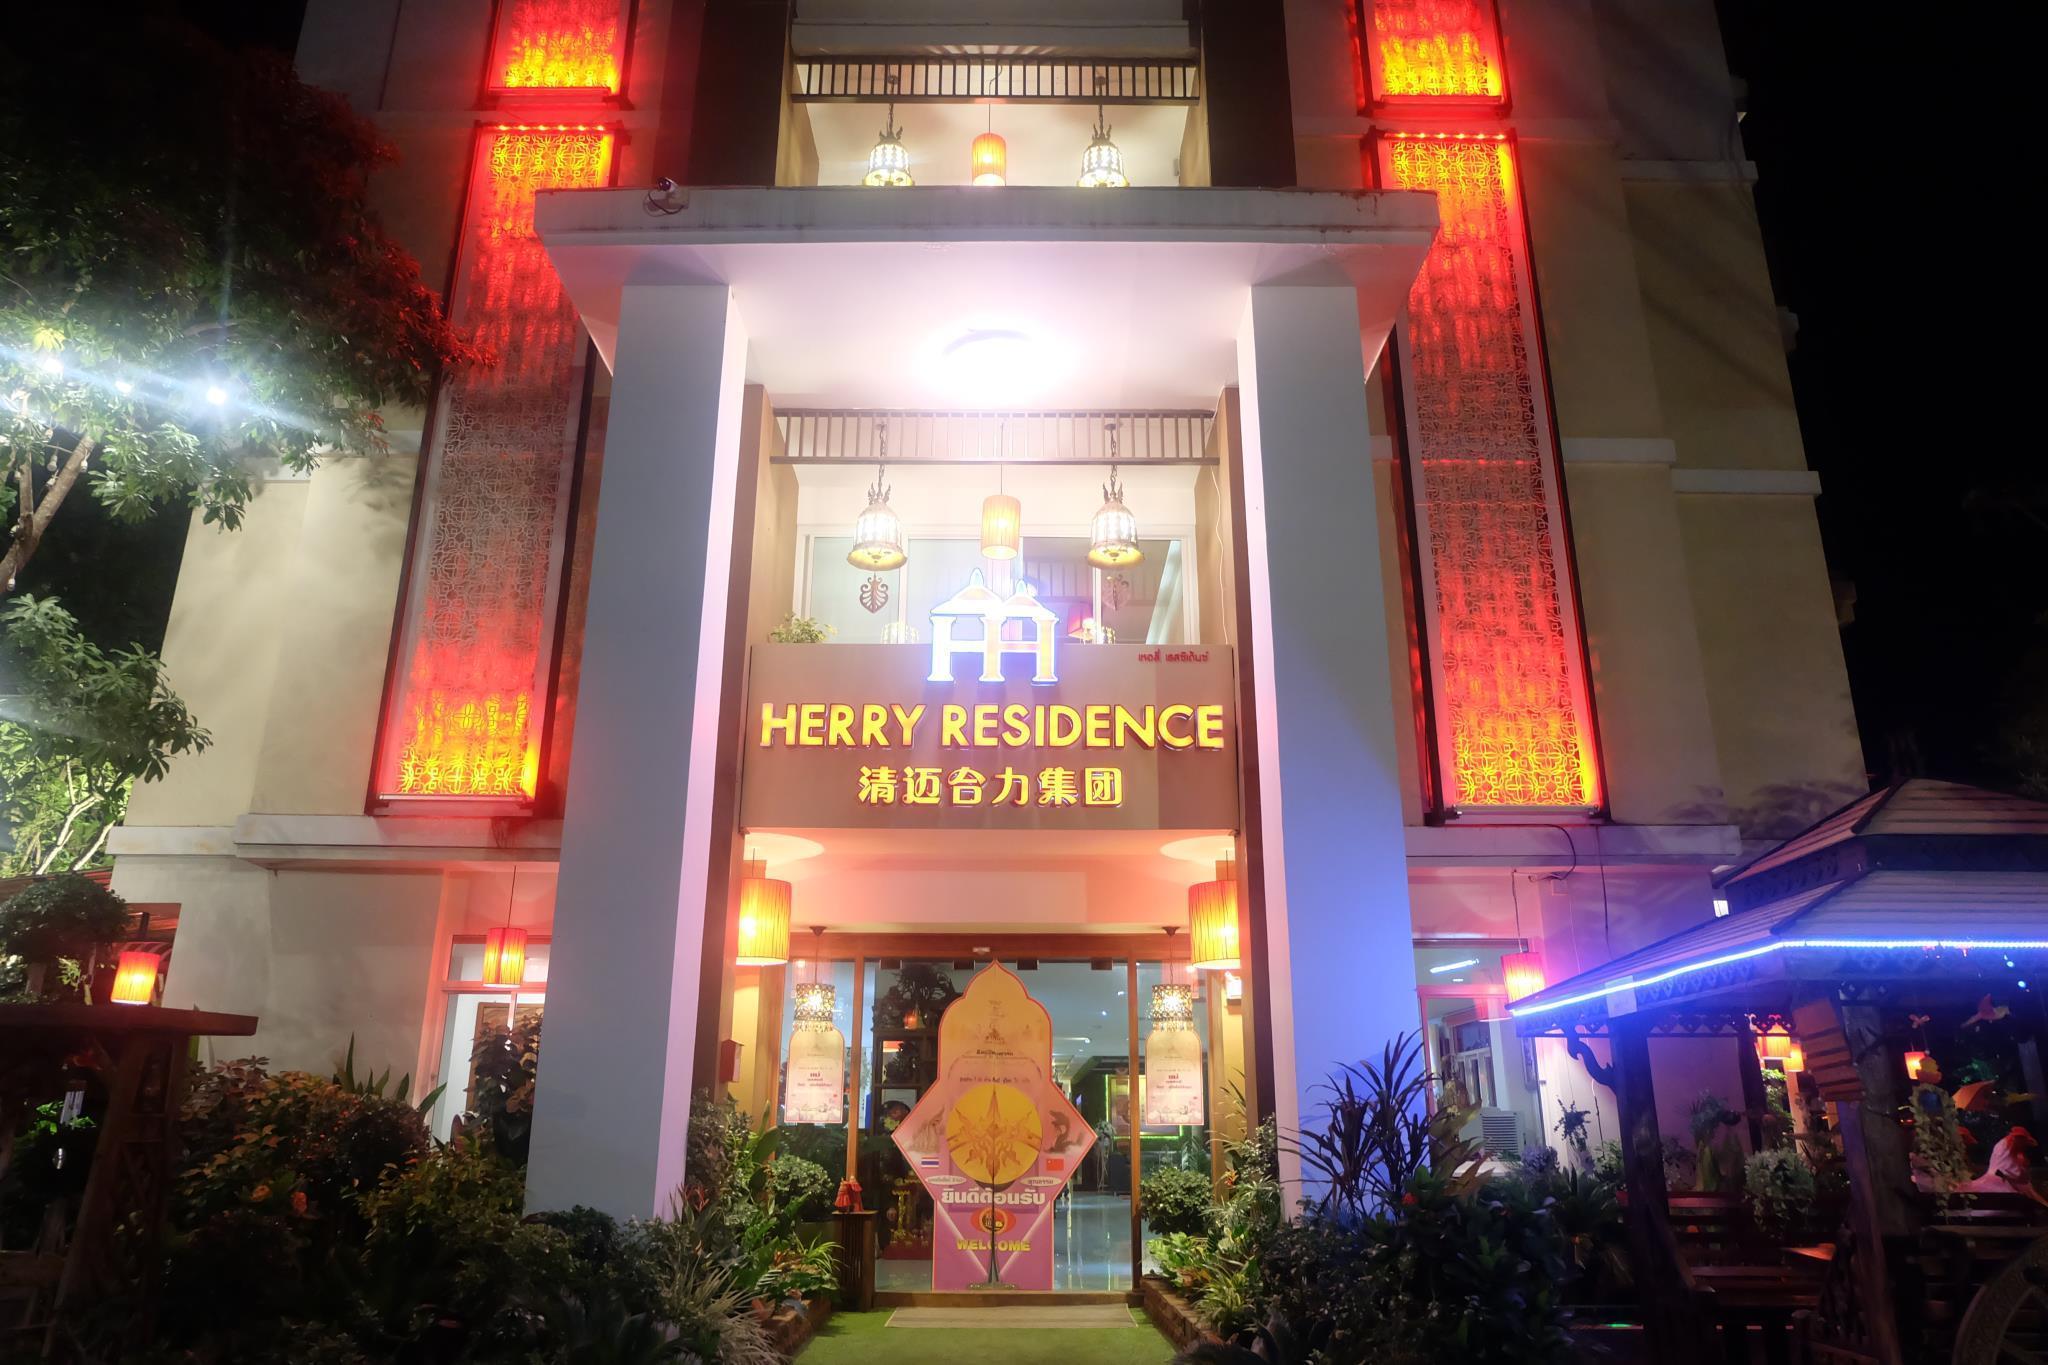 Herry Residence เหอลี่ เรสซิเดนซ์